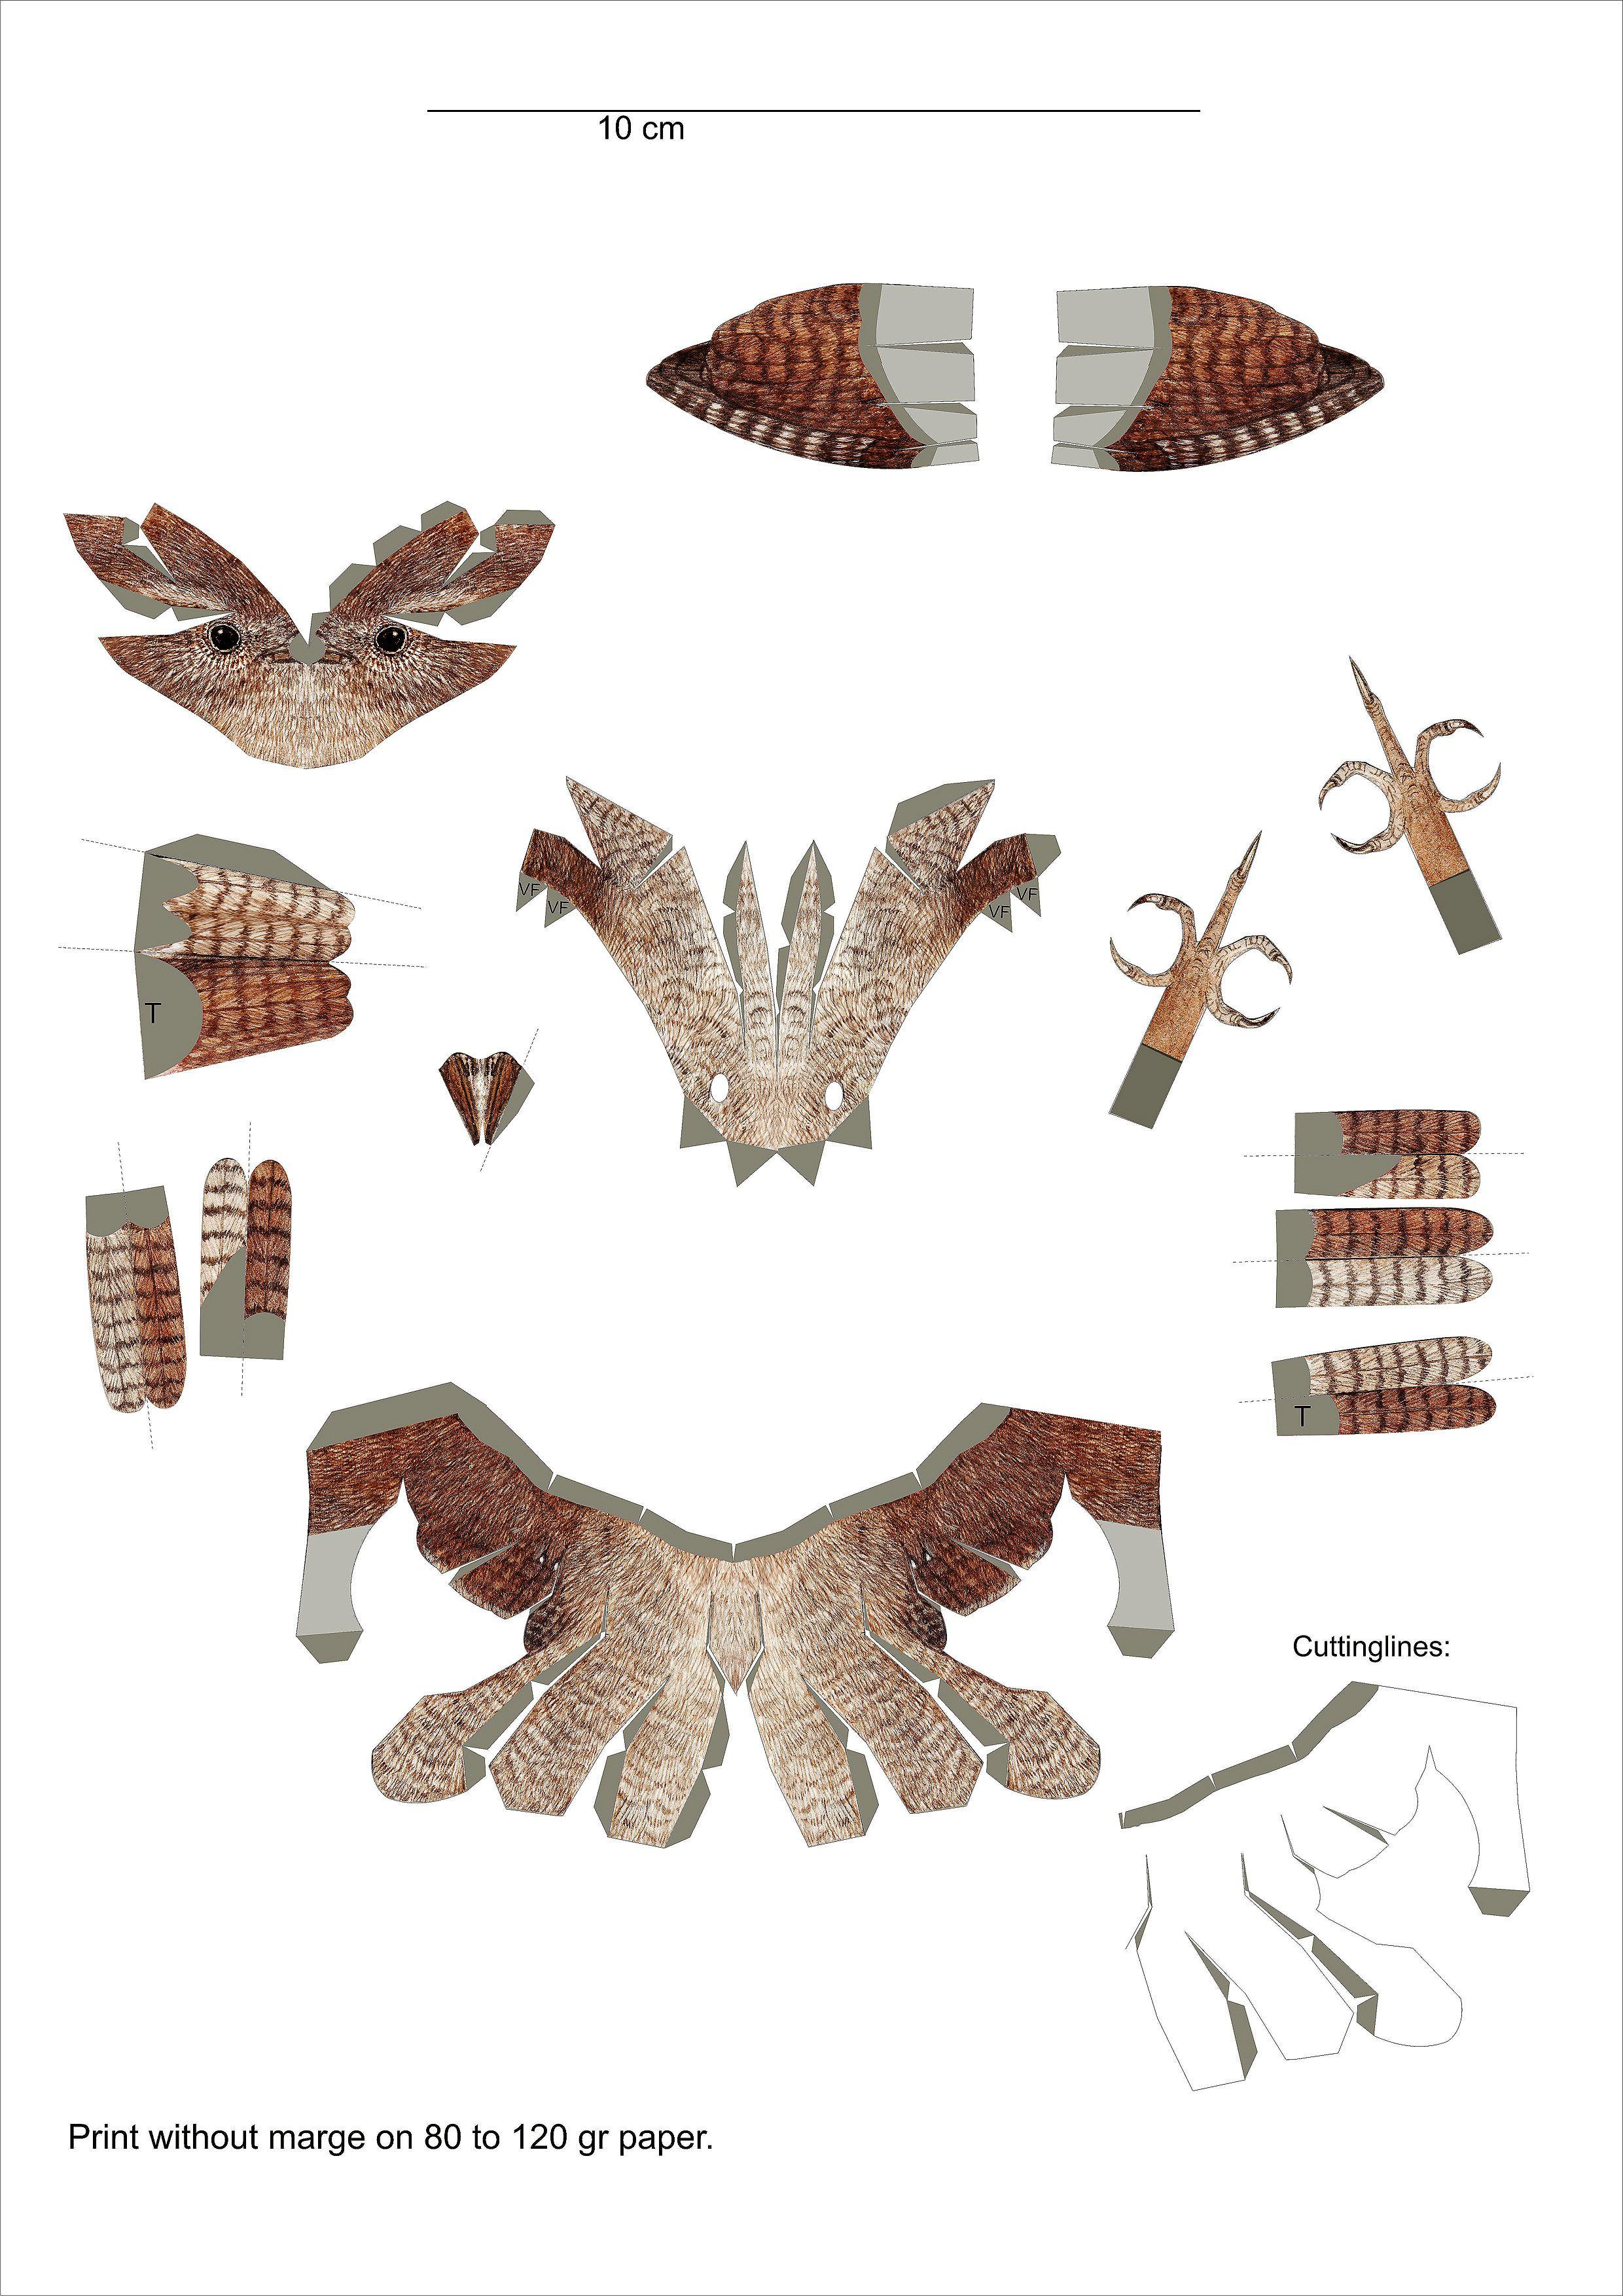 papercraft template wren - http://www.johanscherft.com/papercraft.html